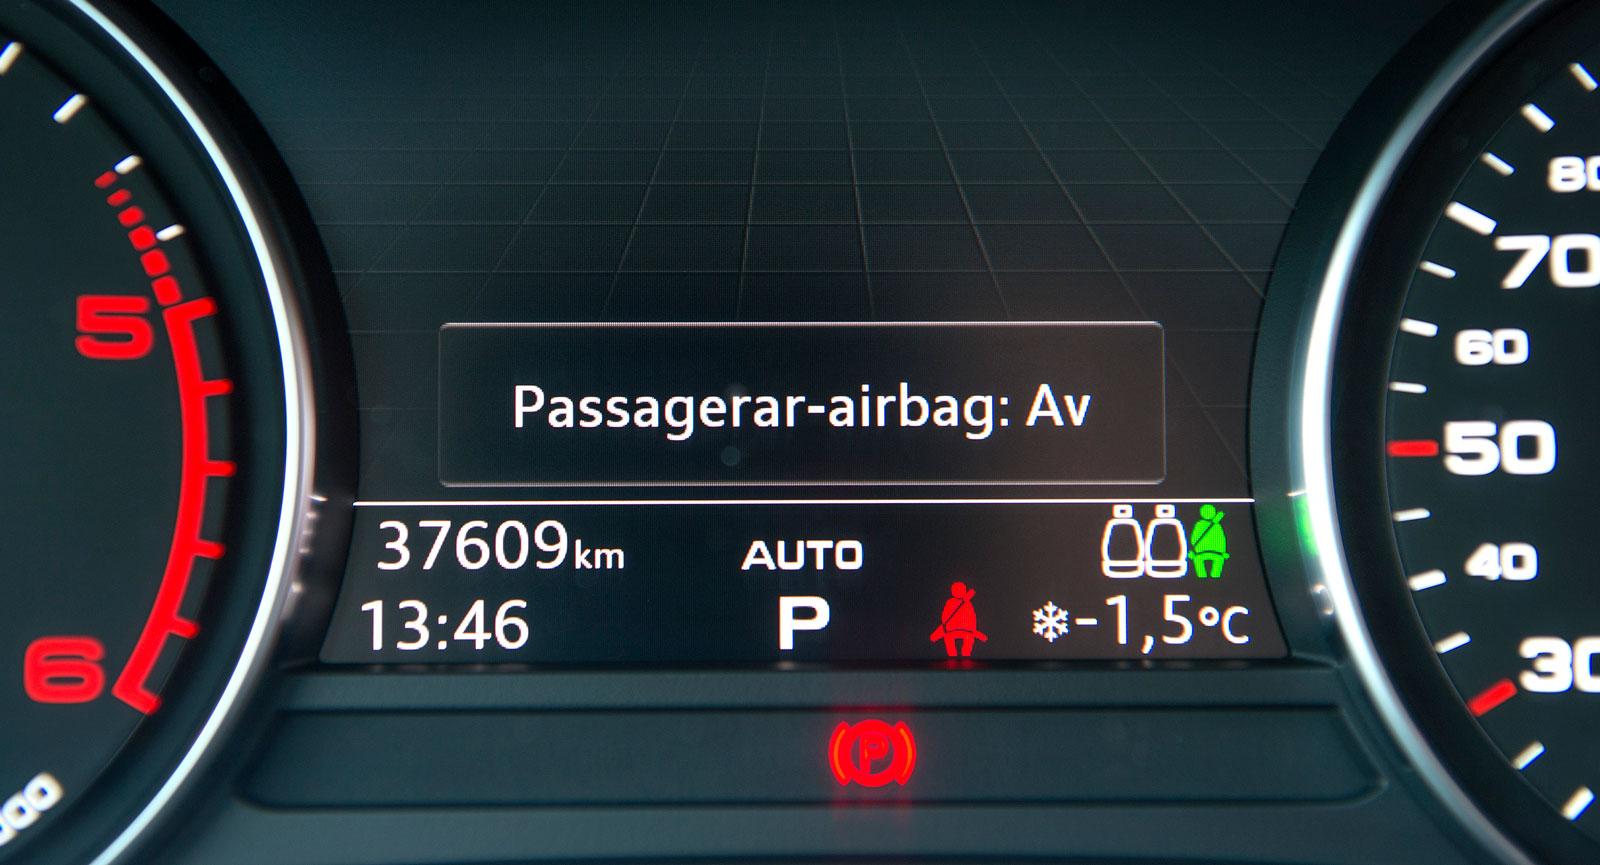 Audi visar krockkuddestatusen med svårfunnen symbol i taket samt i färddatorn vid start.